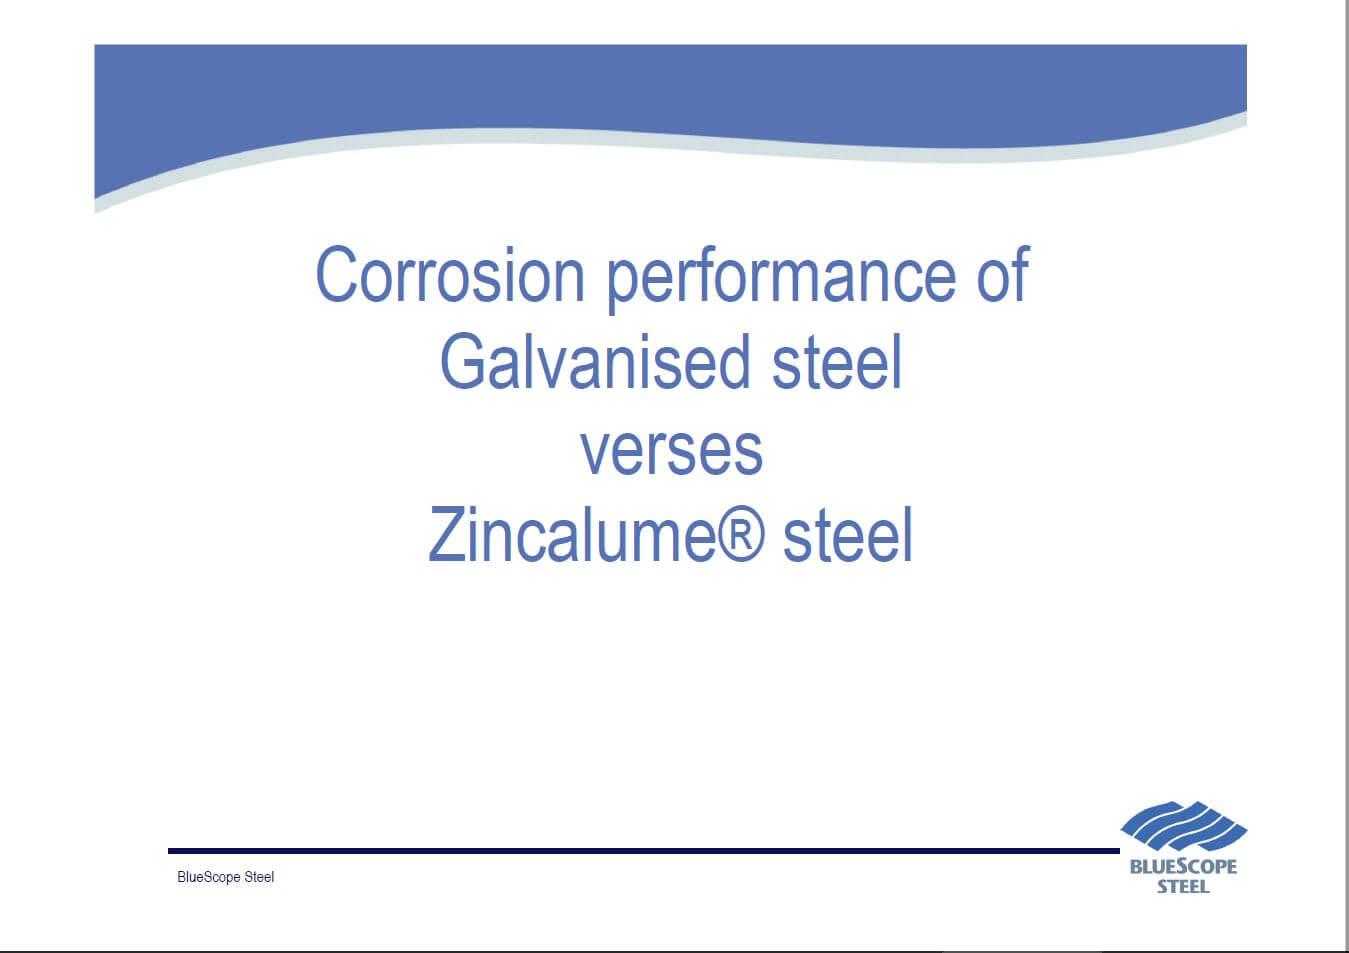 pioneer-water-tanks-zincalume-verses-galvanised